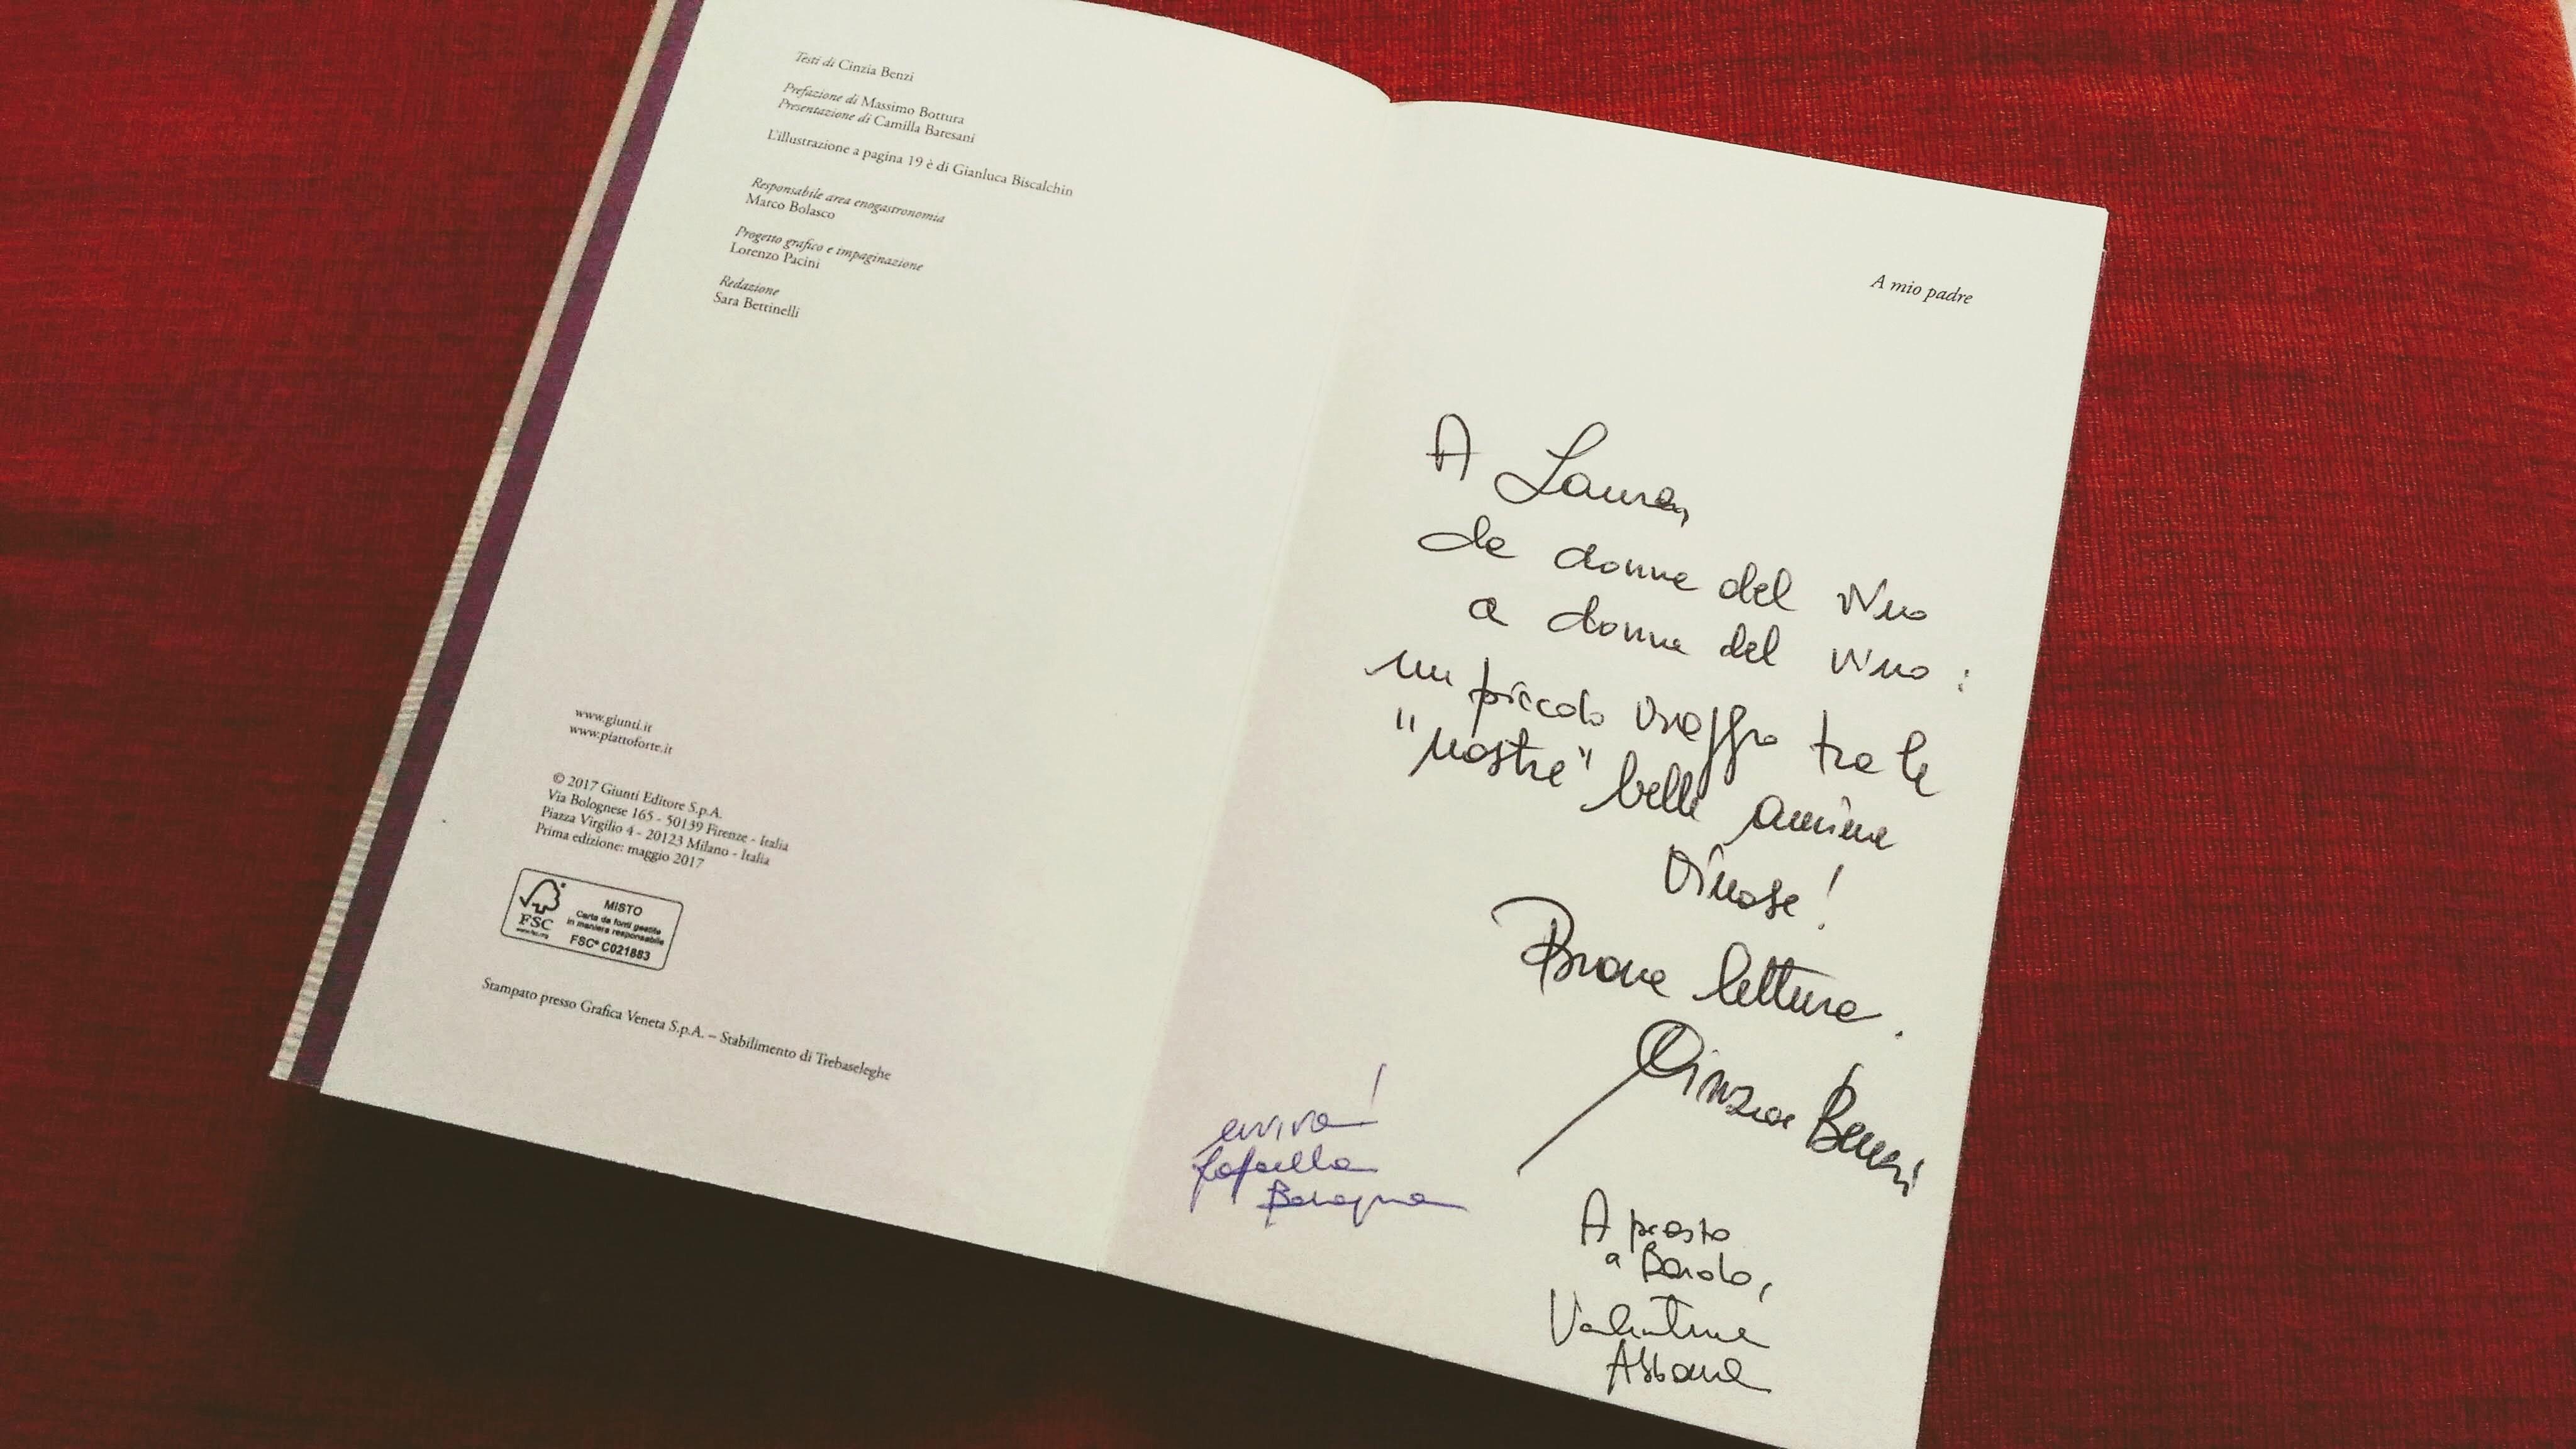 Dedica di Cinzia Benzi scrittrice